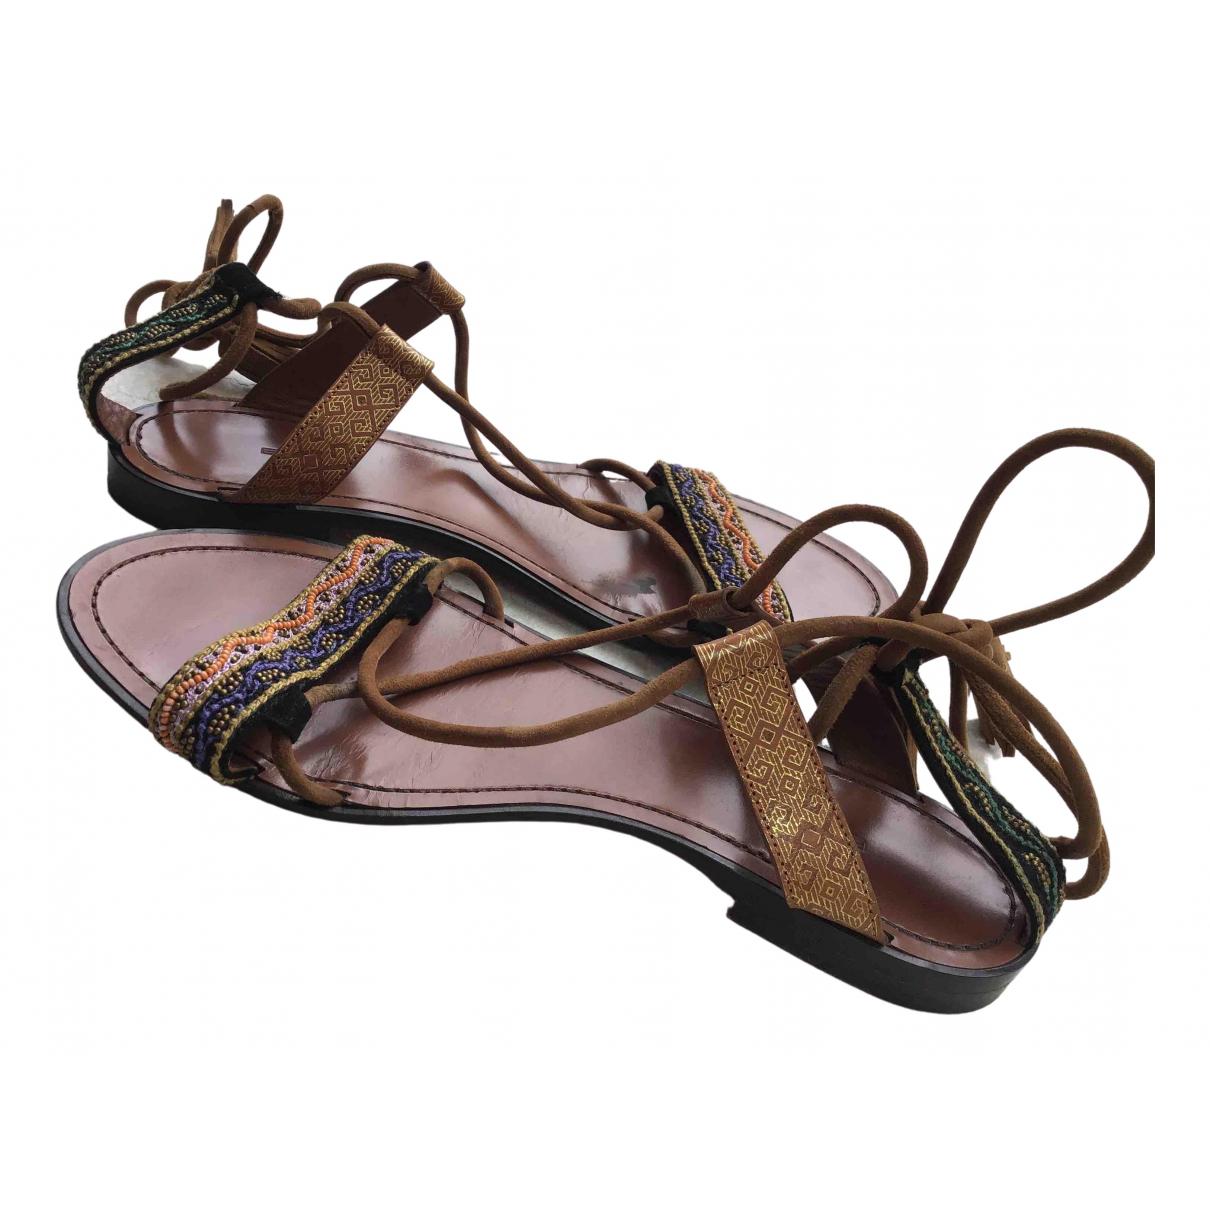 Sandalias romanas de Cuero Etro